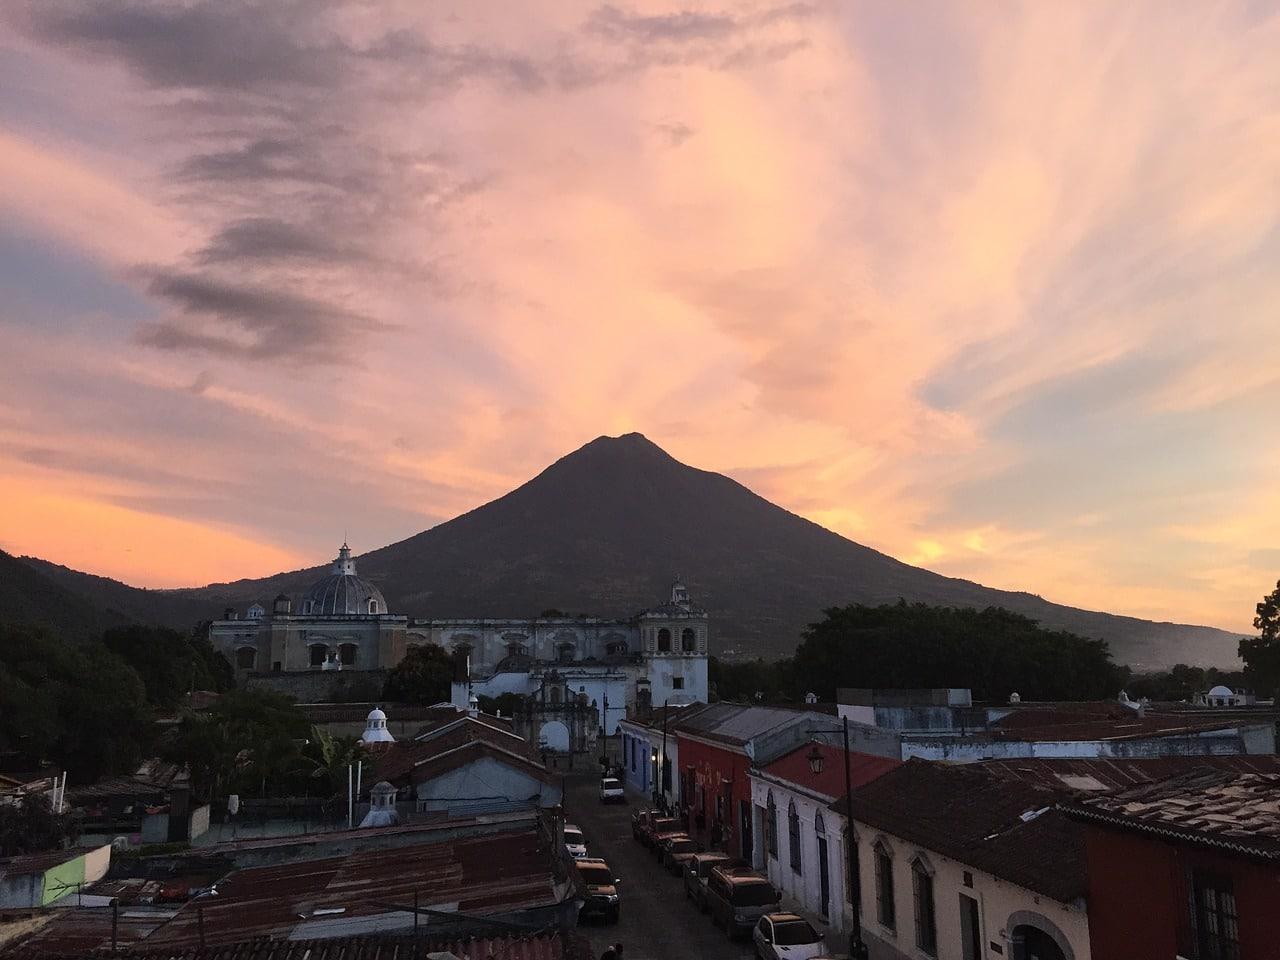 coucher de soleil au guatemala